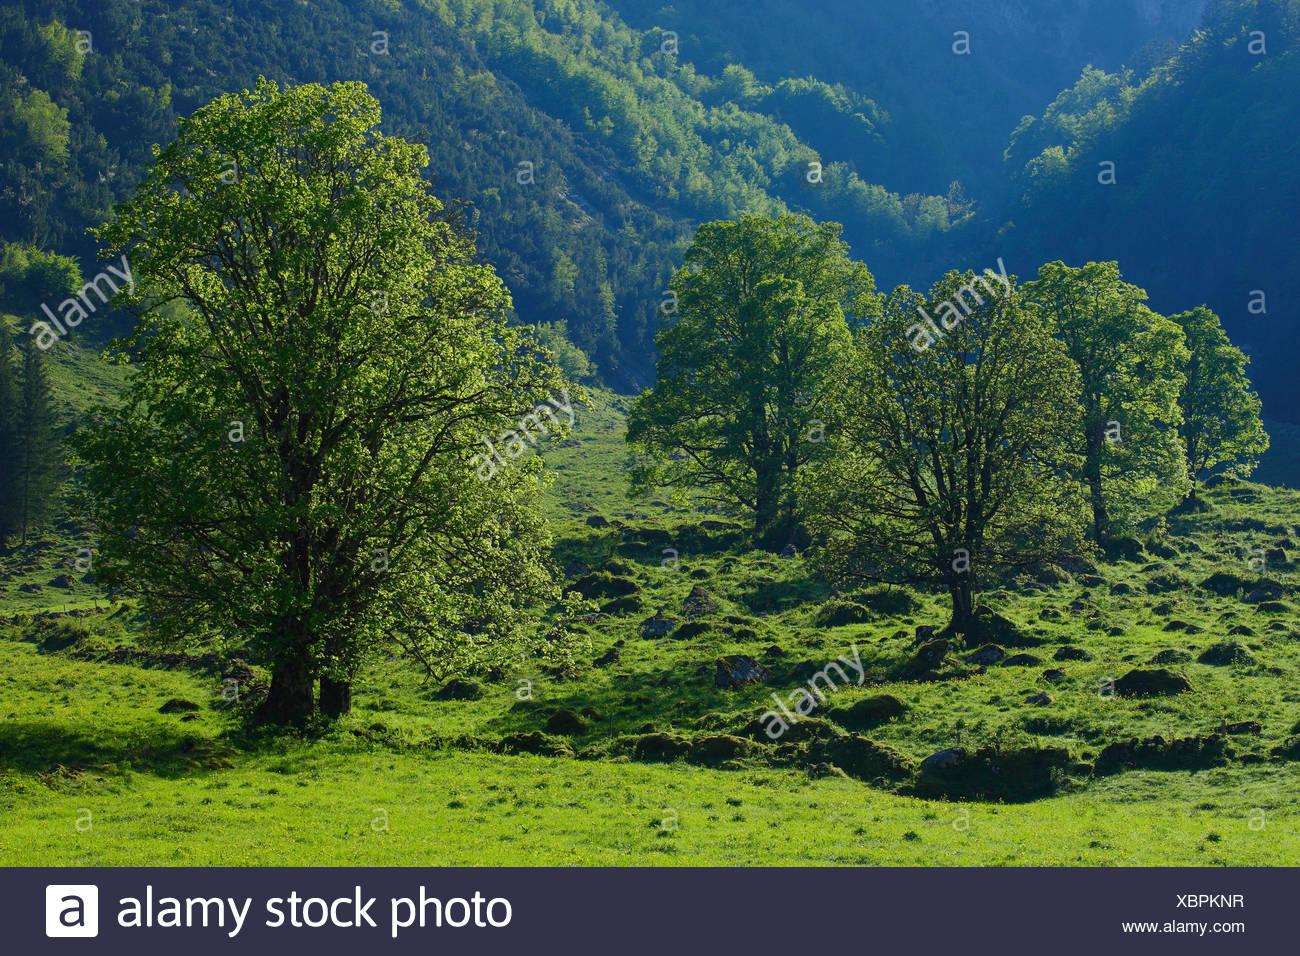 Acer pseudoplatanus, érable, arbre, montagne, sycamore, montagnes, arbres, printemps, montagnes, le canton de Glaris, Suisse, vert Banque D'Images